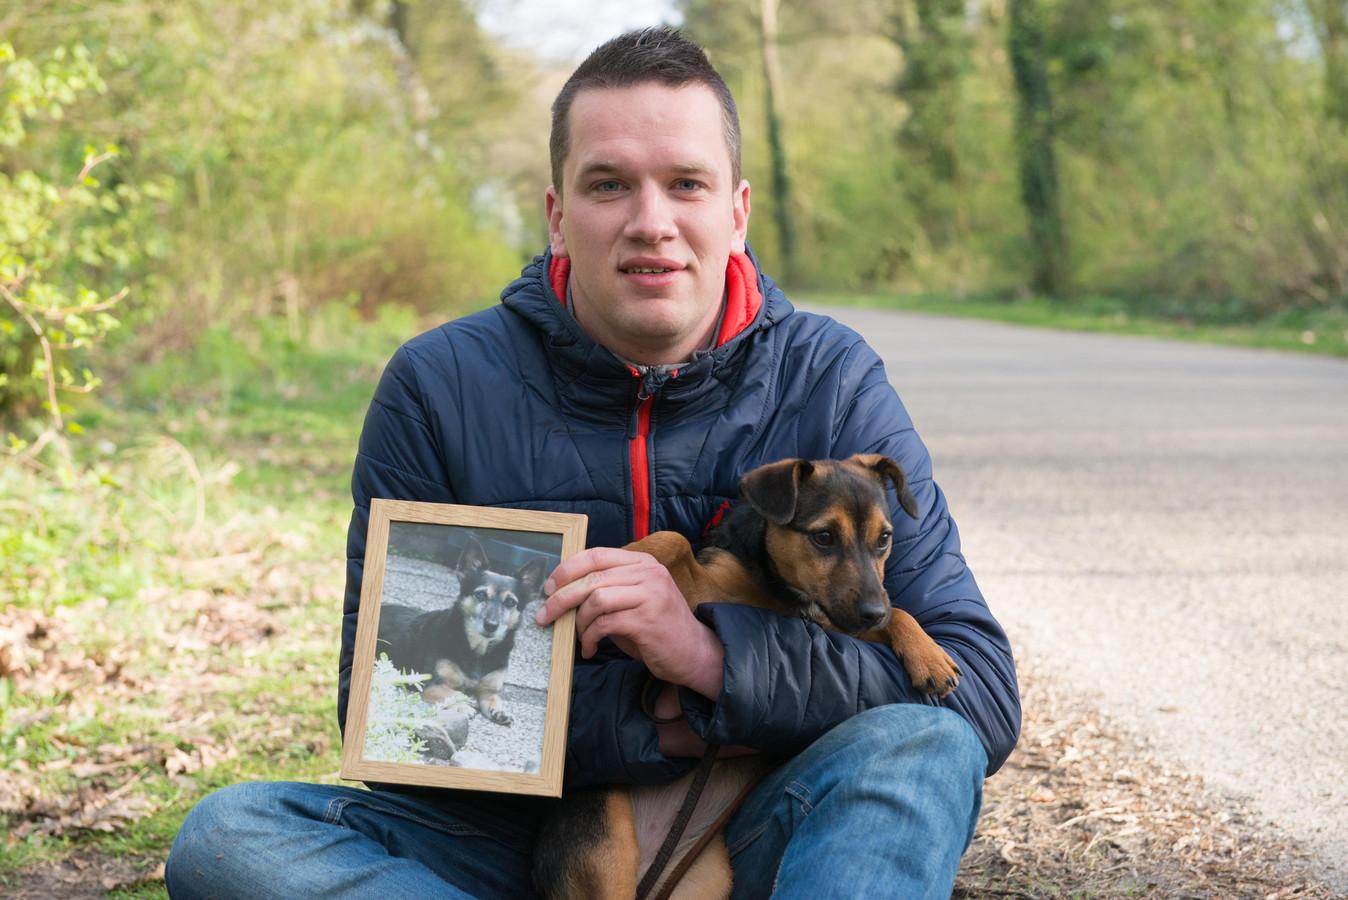 Erik de Weerd met zijn nieuwe pup en de foto van zijn doodgebeten hond op de plek waar het gebeurd is.